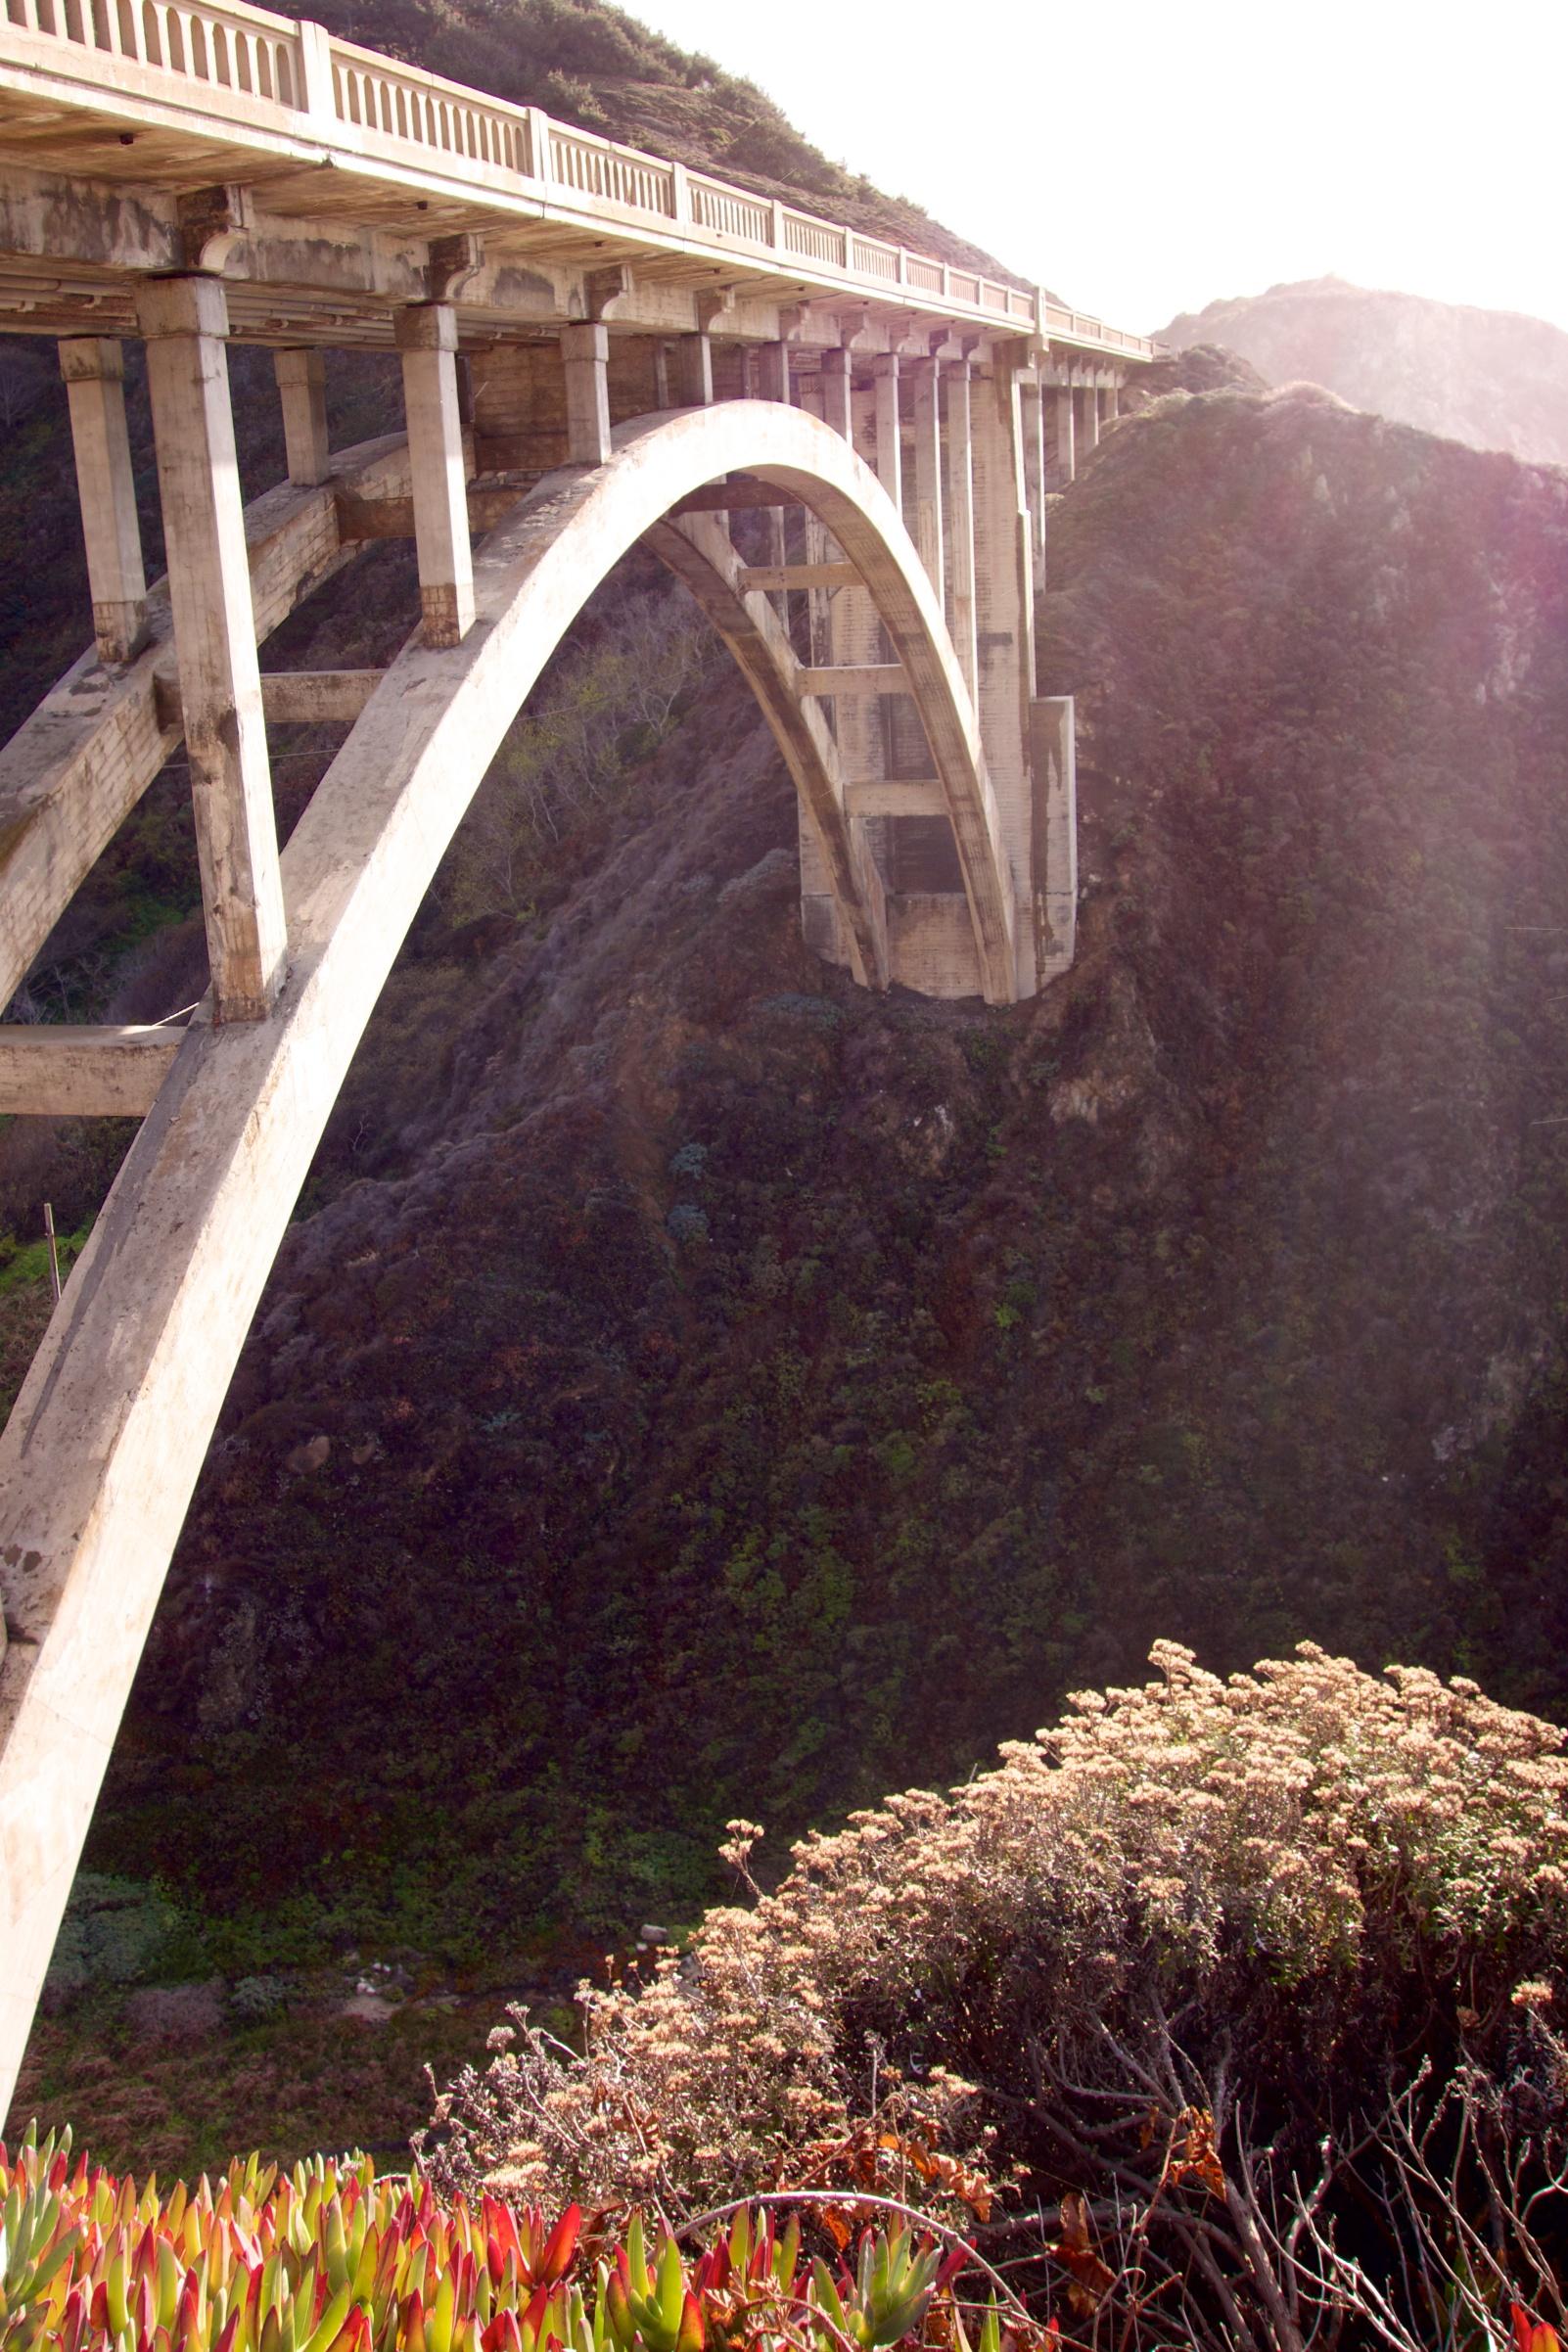 → The Bixby Creek Bridge.